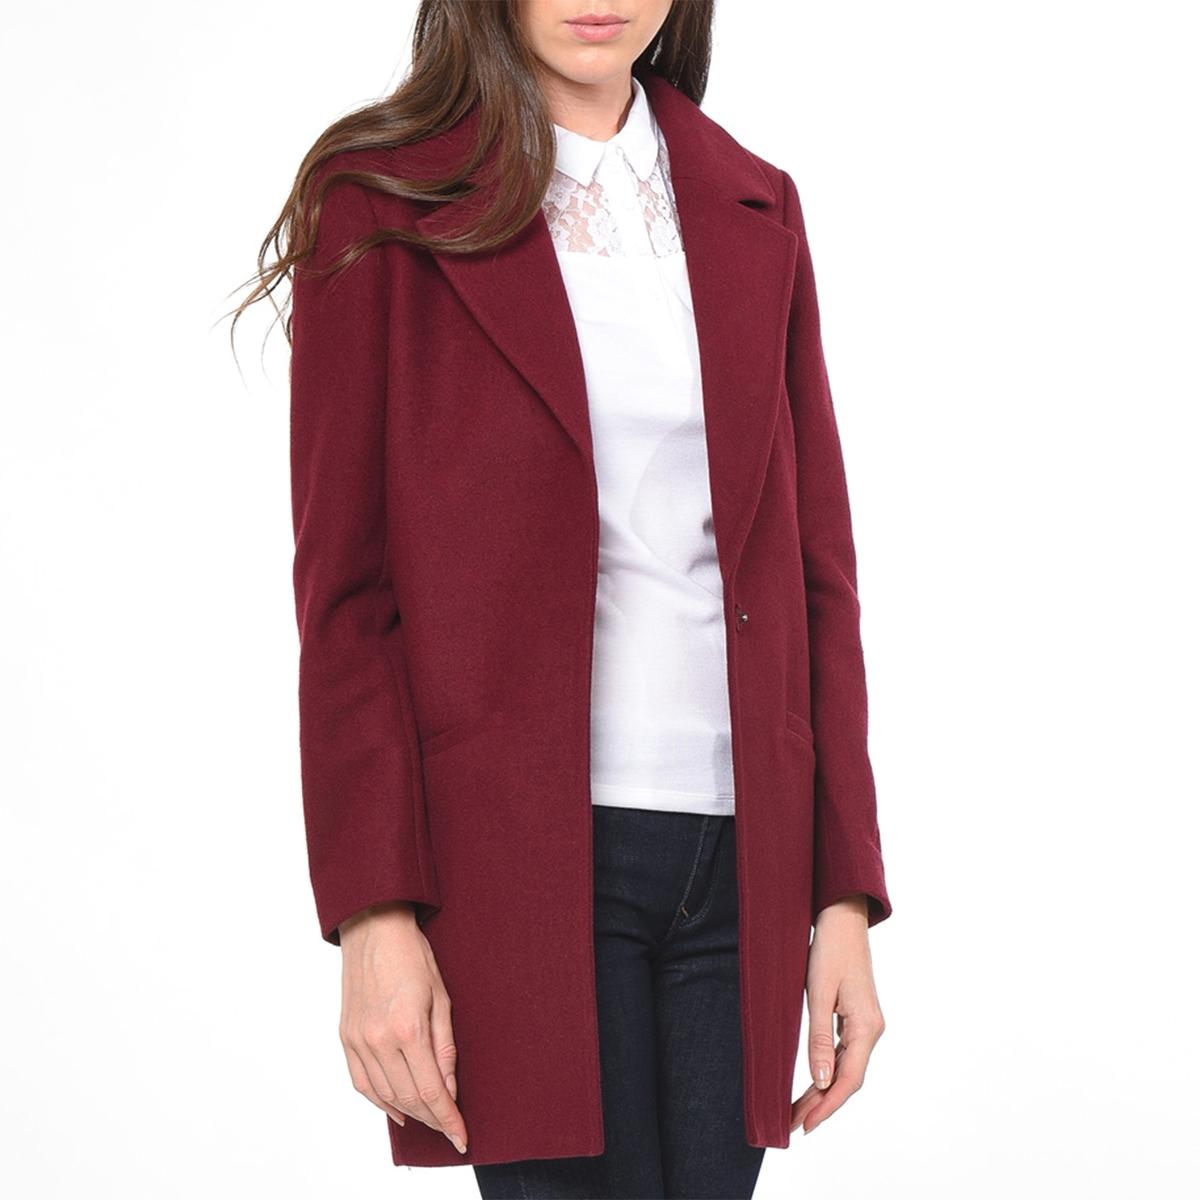 Пальто с костюмным воротником, TOTEMПальто с длинными рукавами TOTEM от KAPORAL. Пальто прямого покроя, костюмный воротник. Застежка на пуговицы. Два прорезных кармана по бокам.Состав и описаниеМарка :  KAPORALМодель : TOTEMМатериал : 60% шерсти, 40% полиэстераУходРучная стирка<br><br>Цвет: бордовый<br>Размер: L